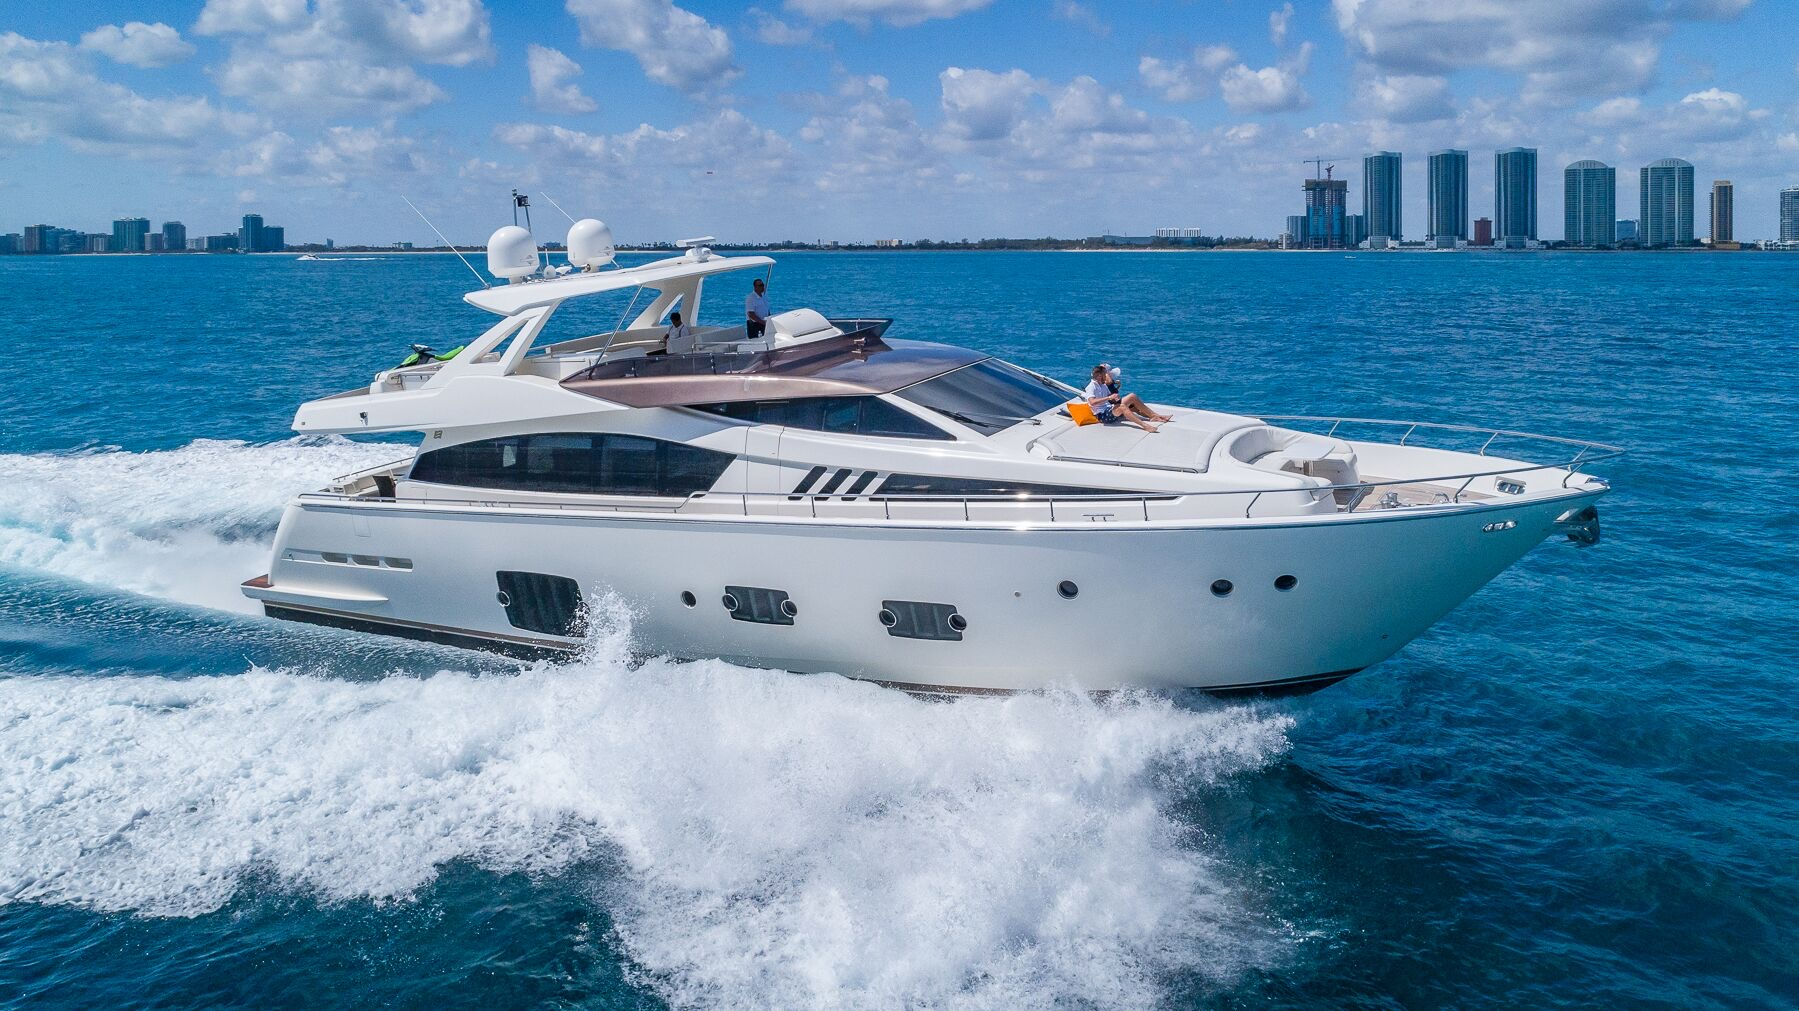 80 Foot Ferretti Yacht Rental South Beach Miami